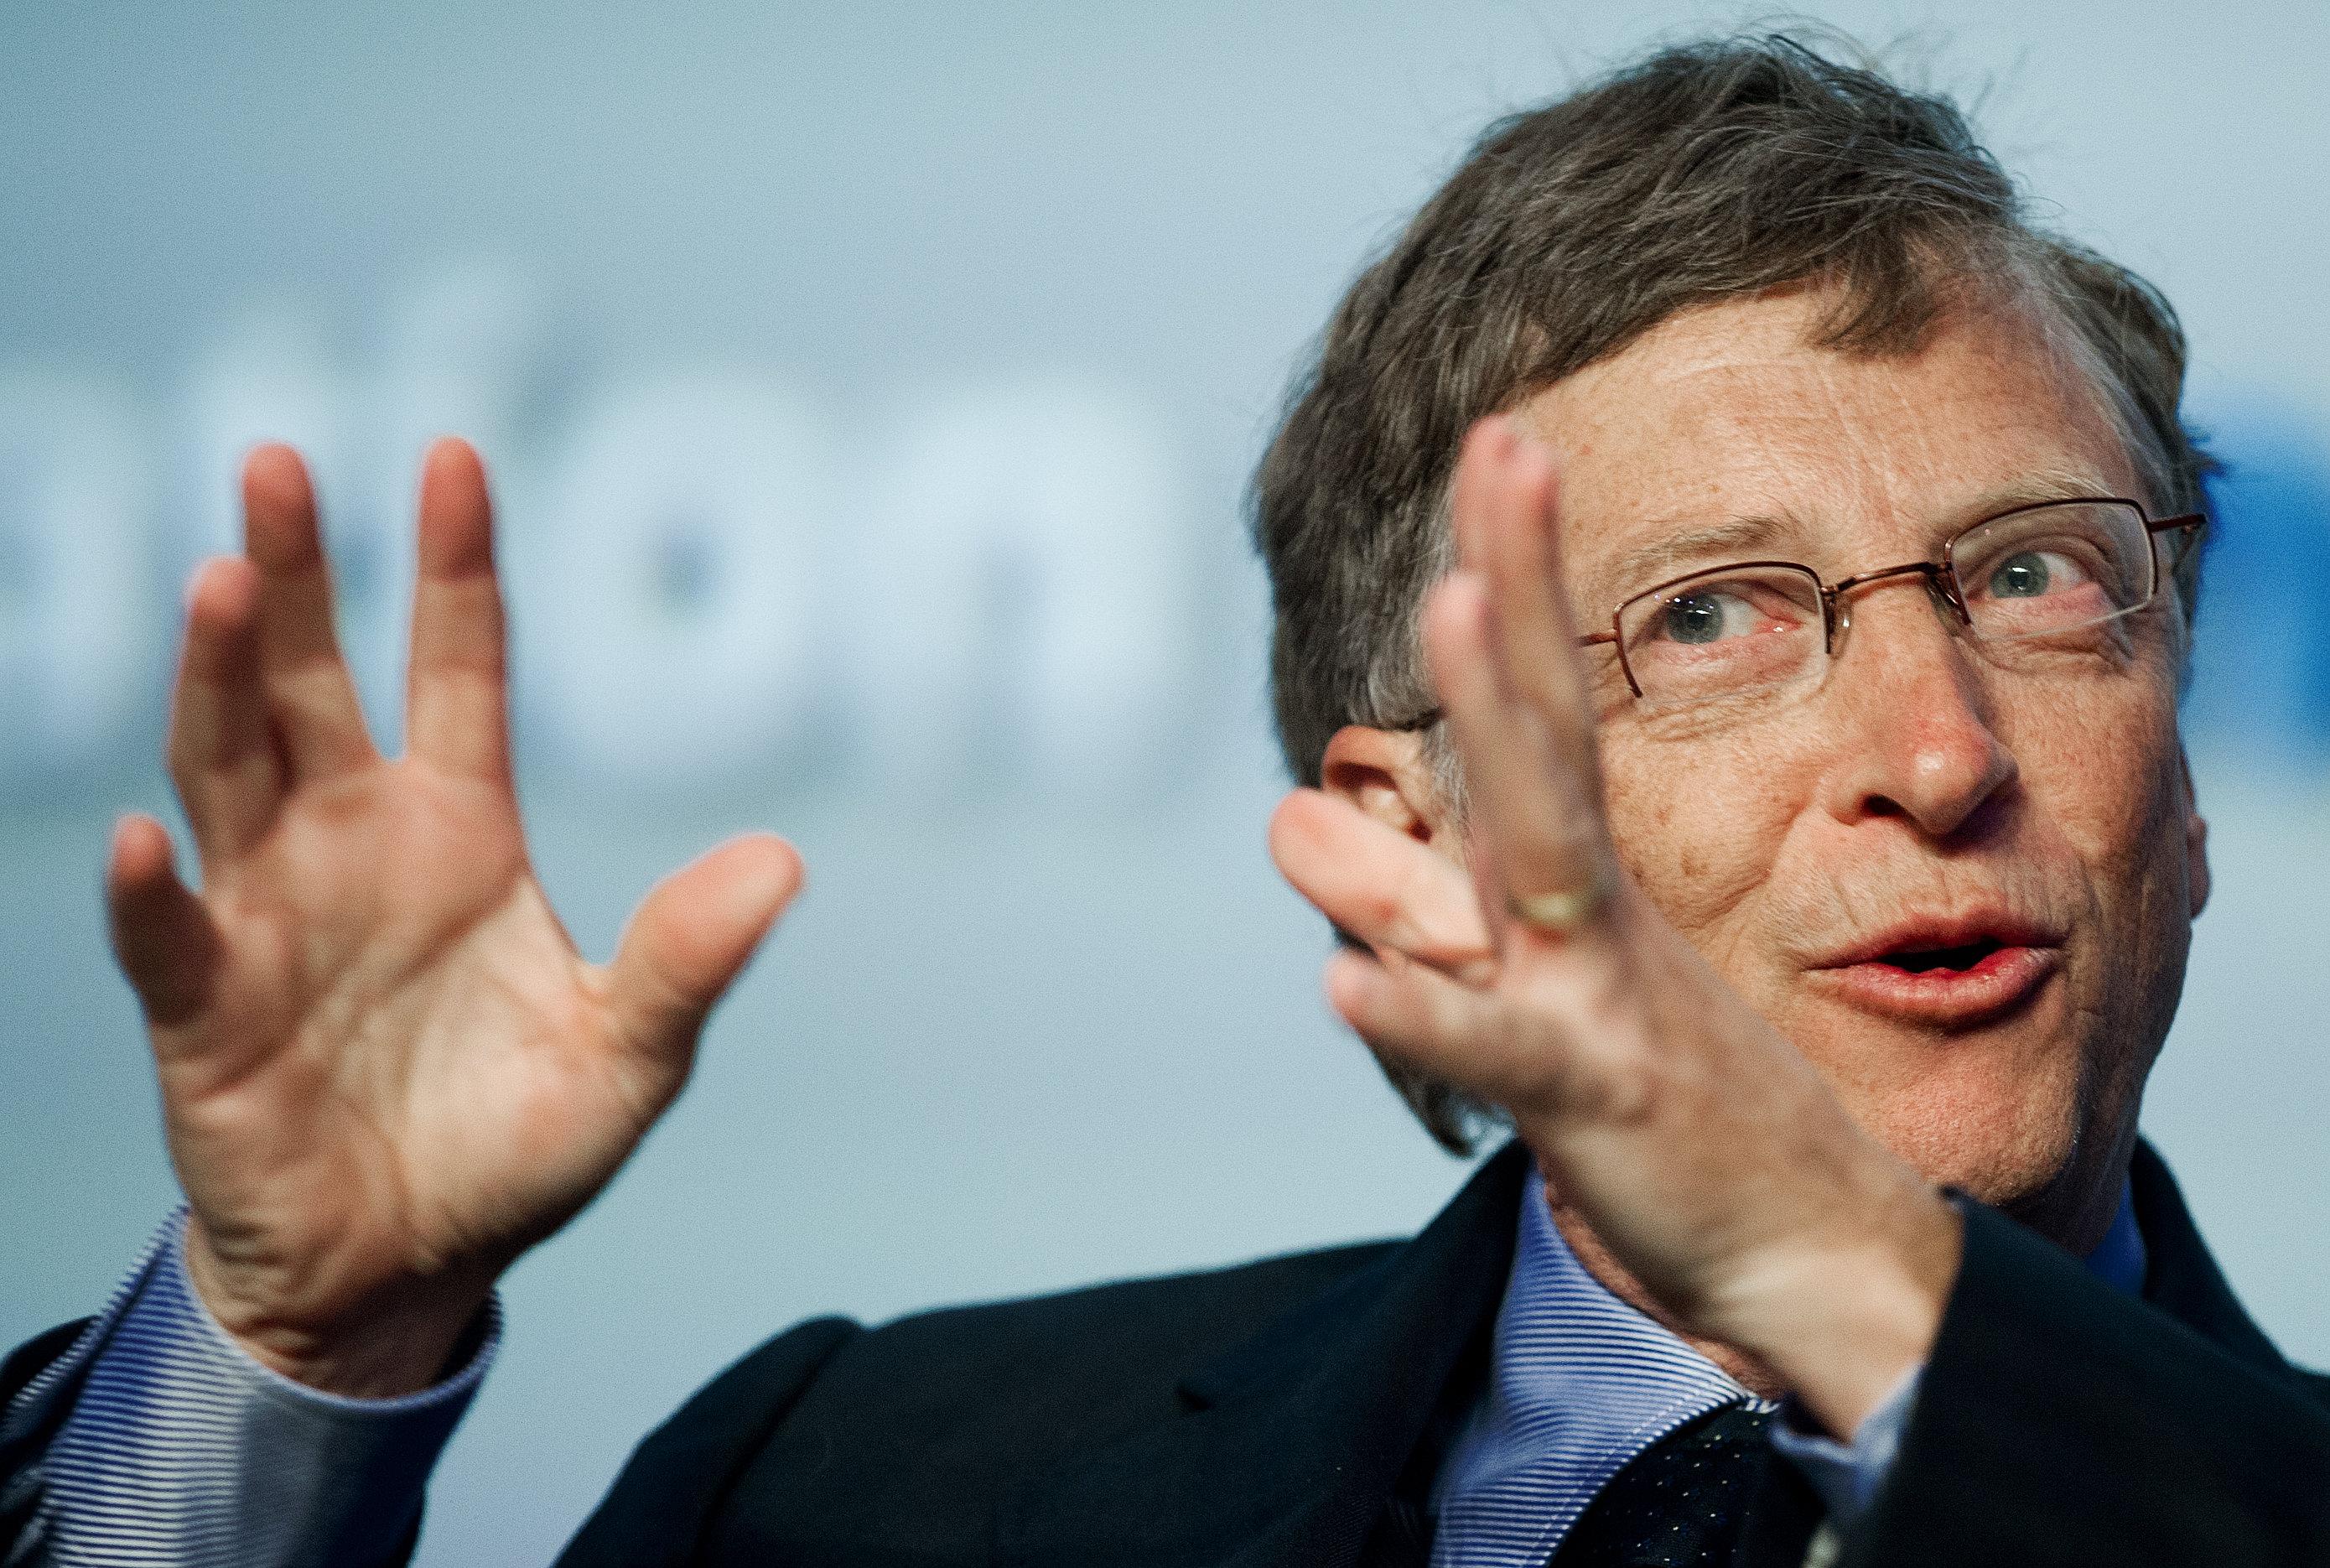 Гейтс пожертвовал на благотворительность $4,6 млрд